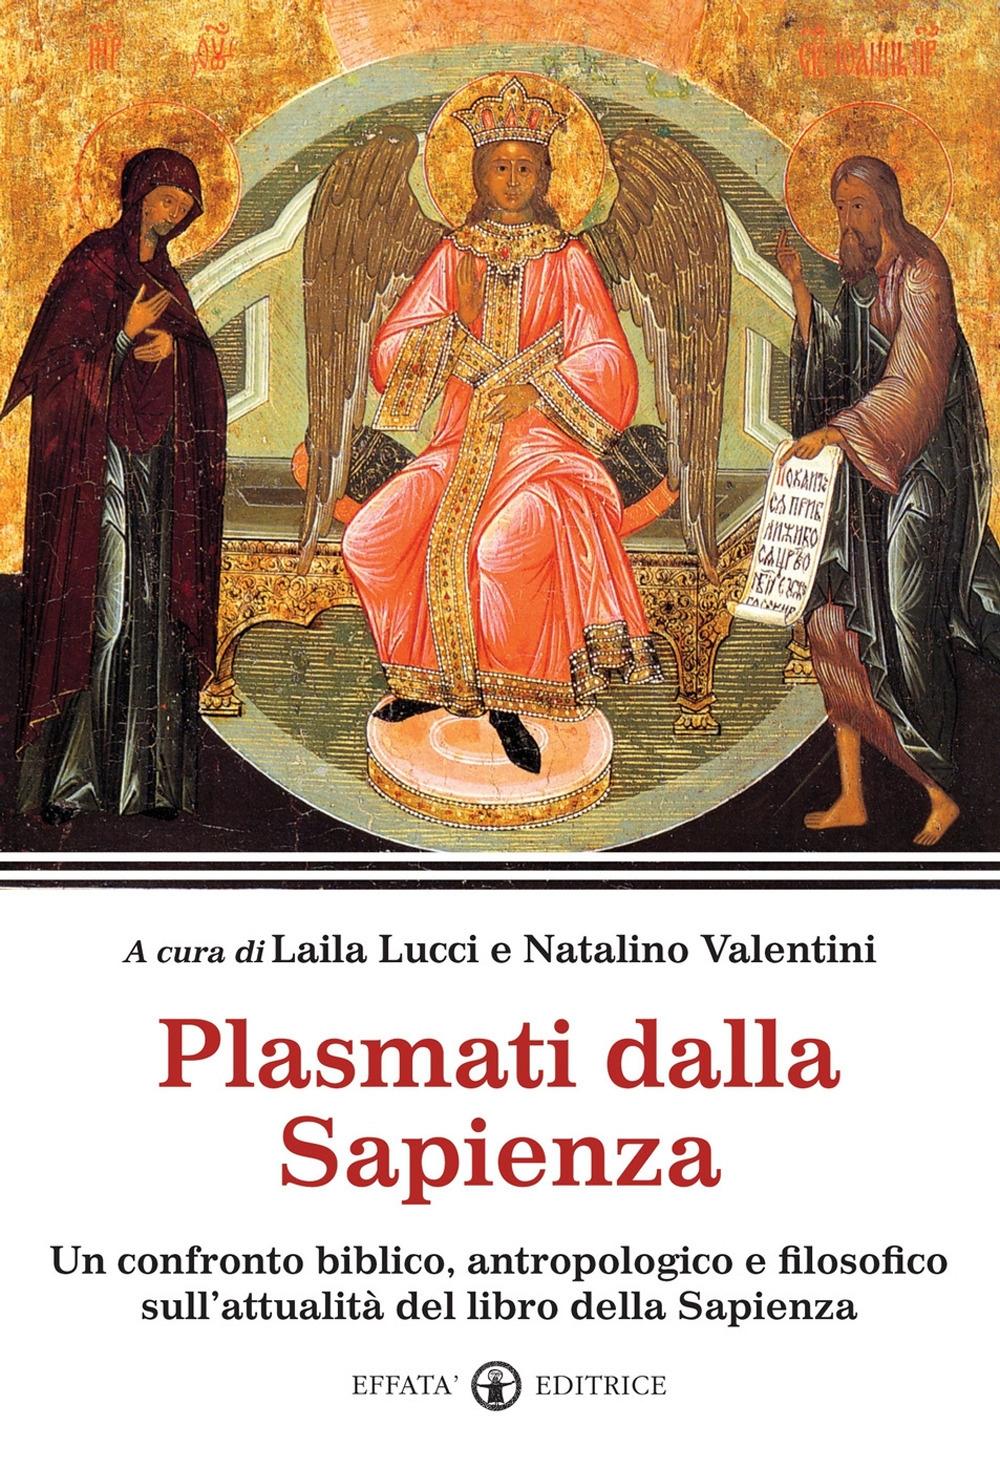 Plasmati dalla Sapienza. Un confronto biblico, antropologico e filosofico sull'attualità del libro della Sapienza